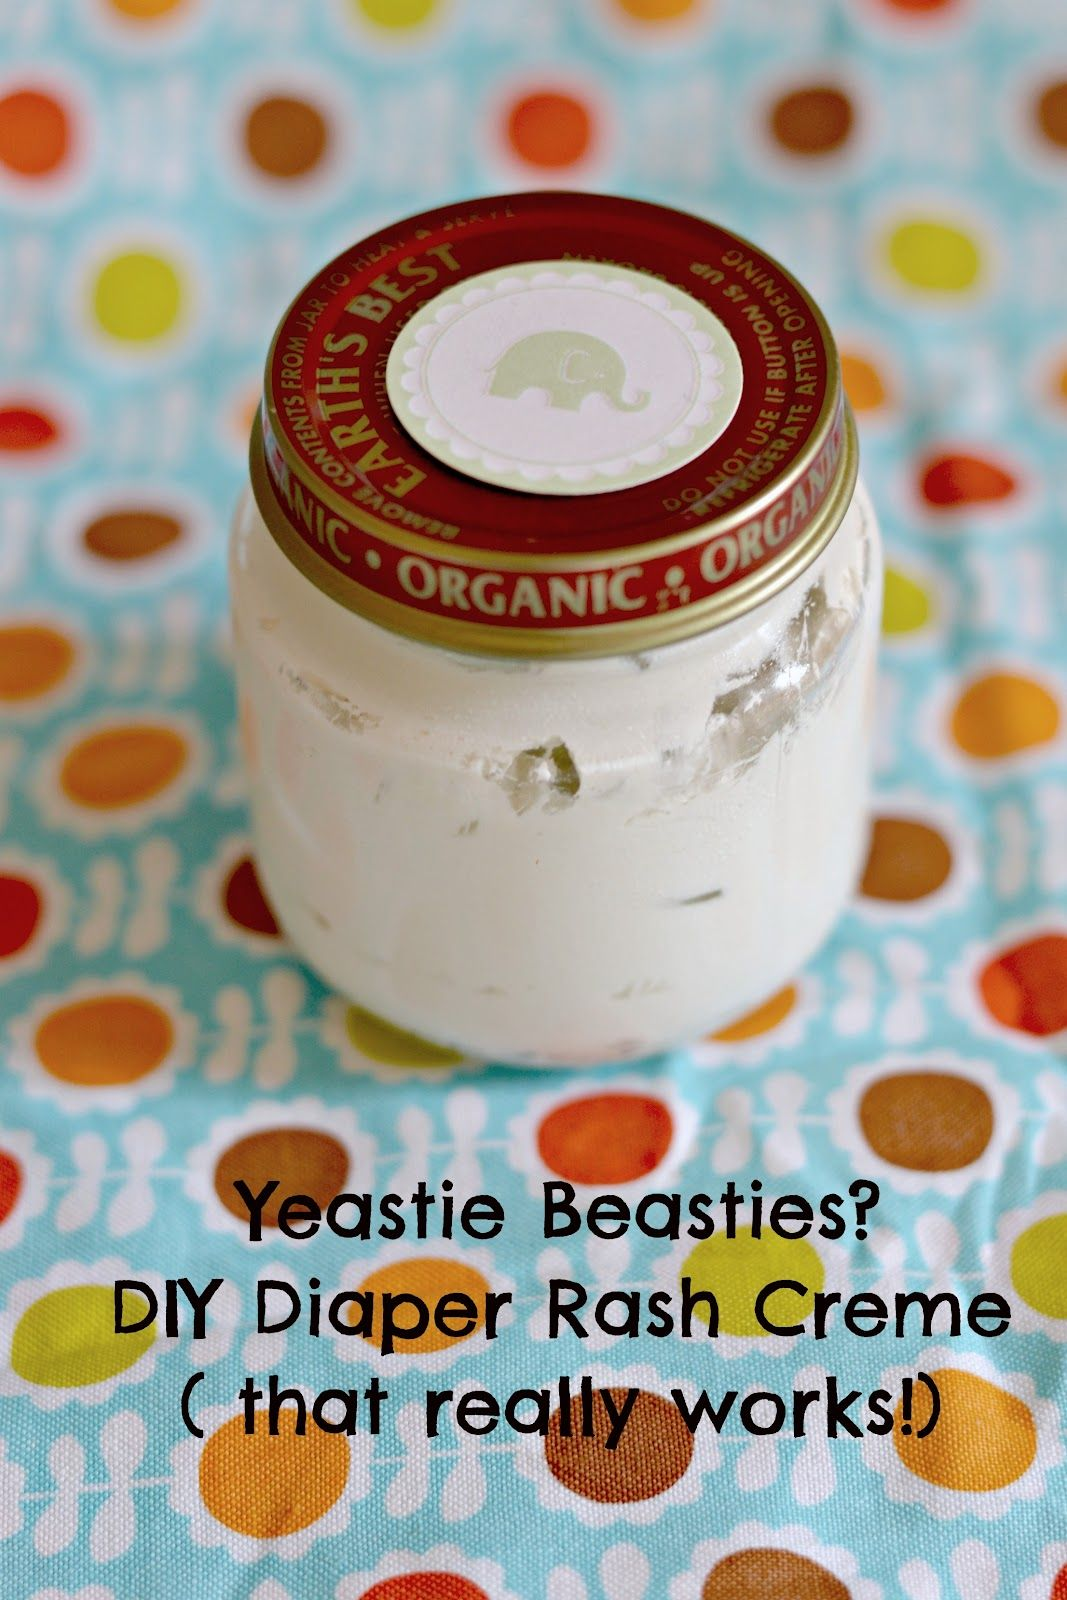 Beat the Yeastie Beasties Yeast diaper rash, Baby